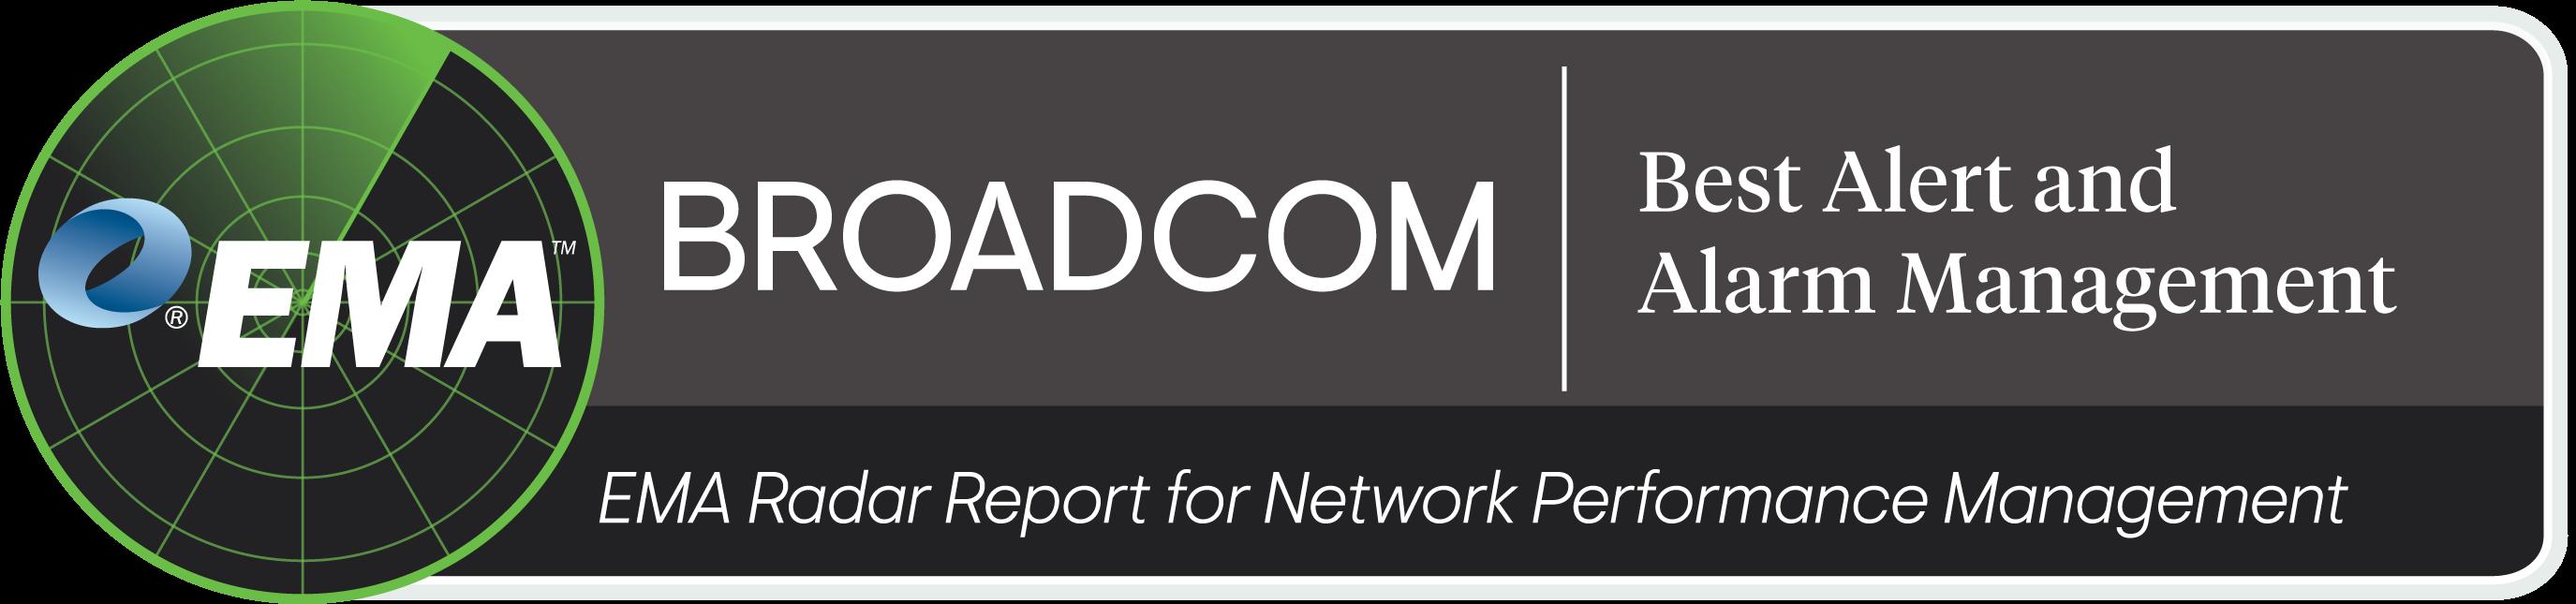 ESD_FY2021_Academy-Blog-Broadcom-Awarded-Highest-Vendor-Score-EMA-Radar-Report.figure_03